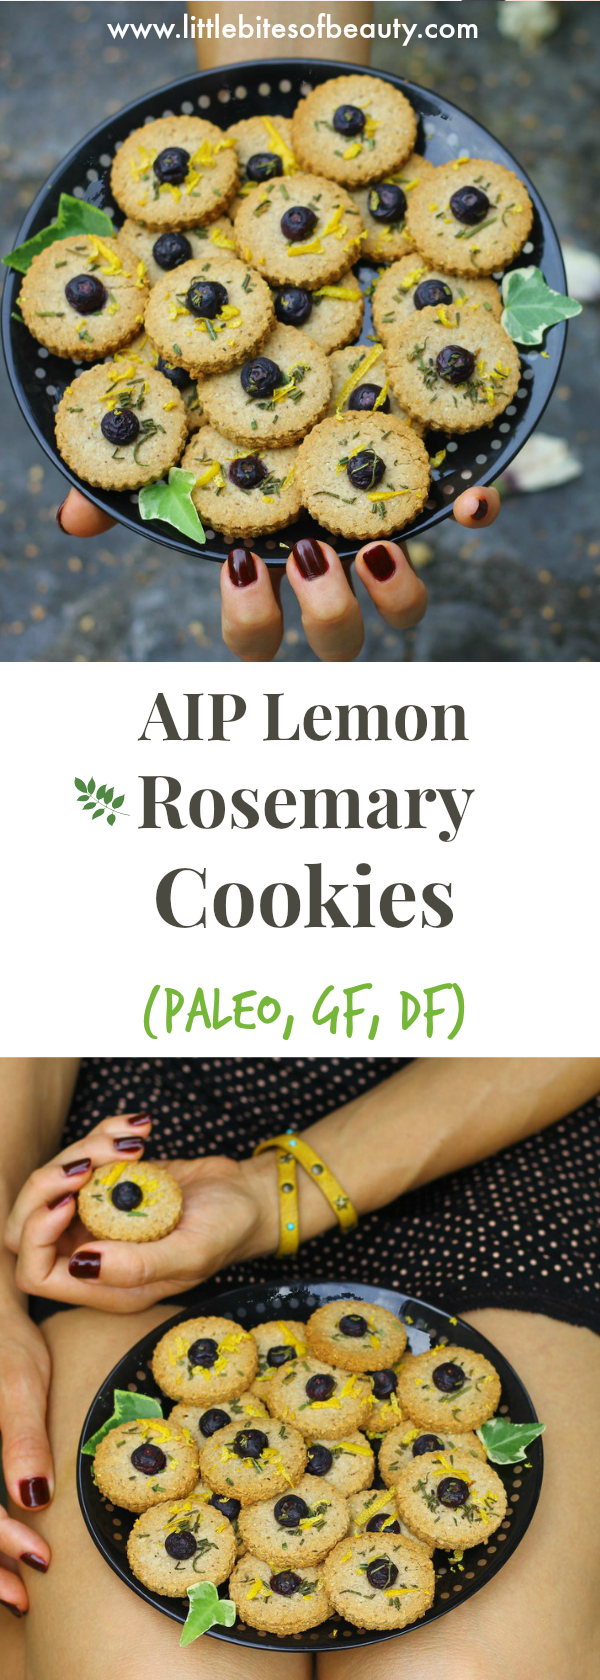 AIP Lemon Rosemary Cookies (Paleo, GF, DF)